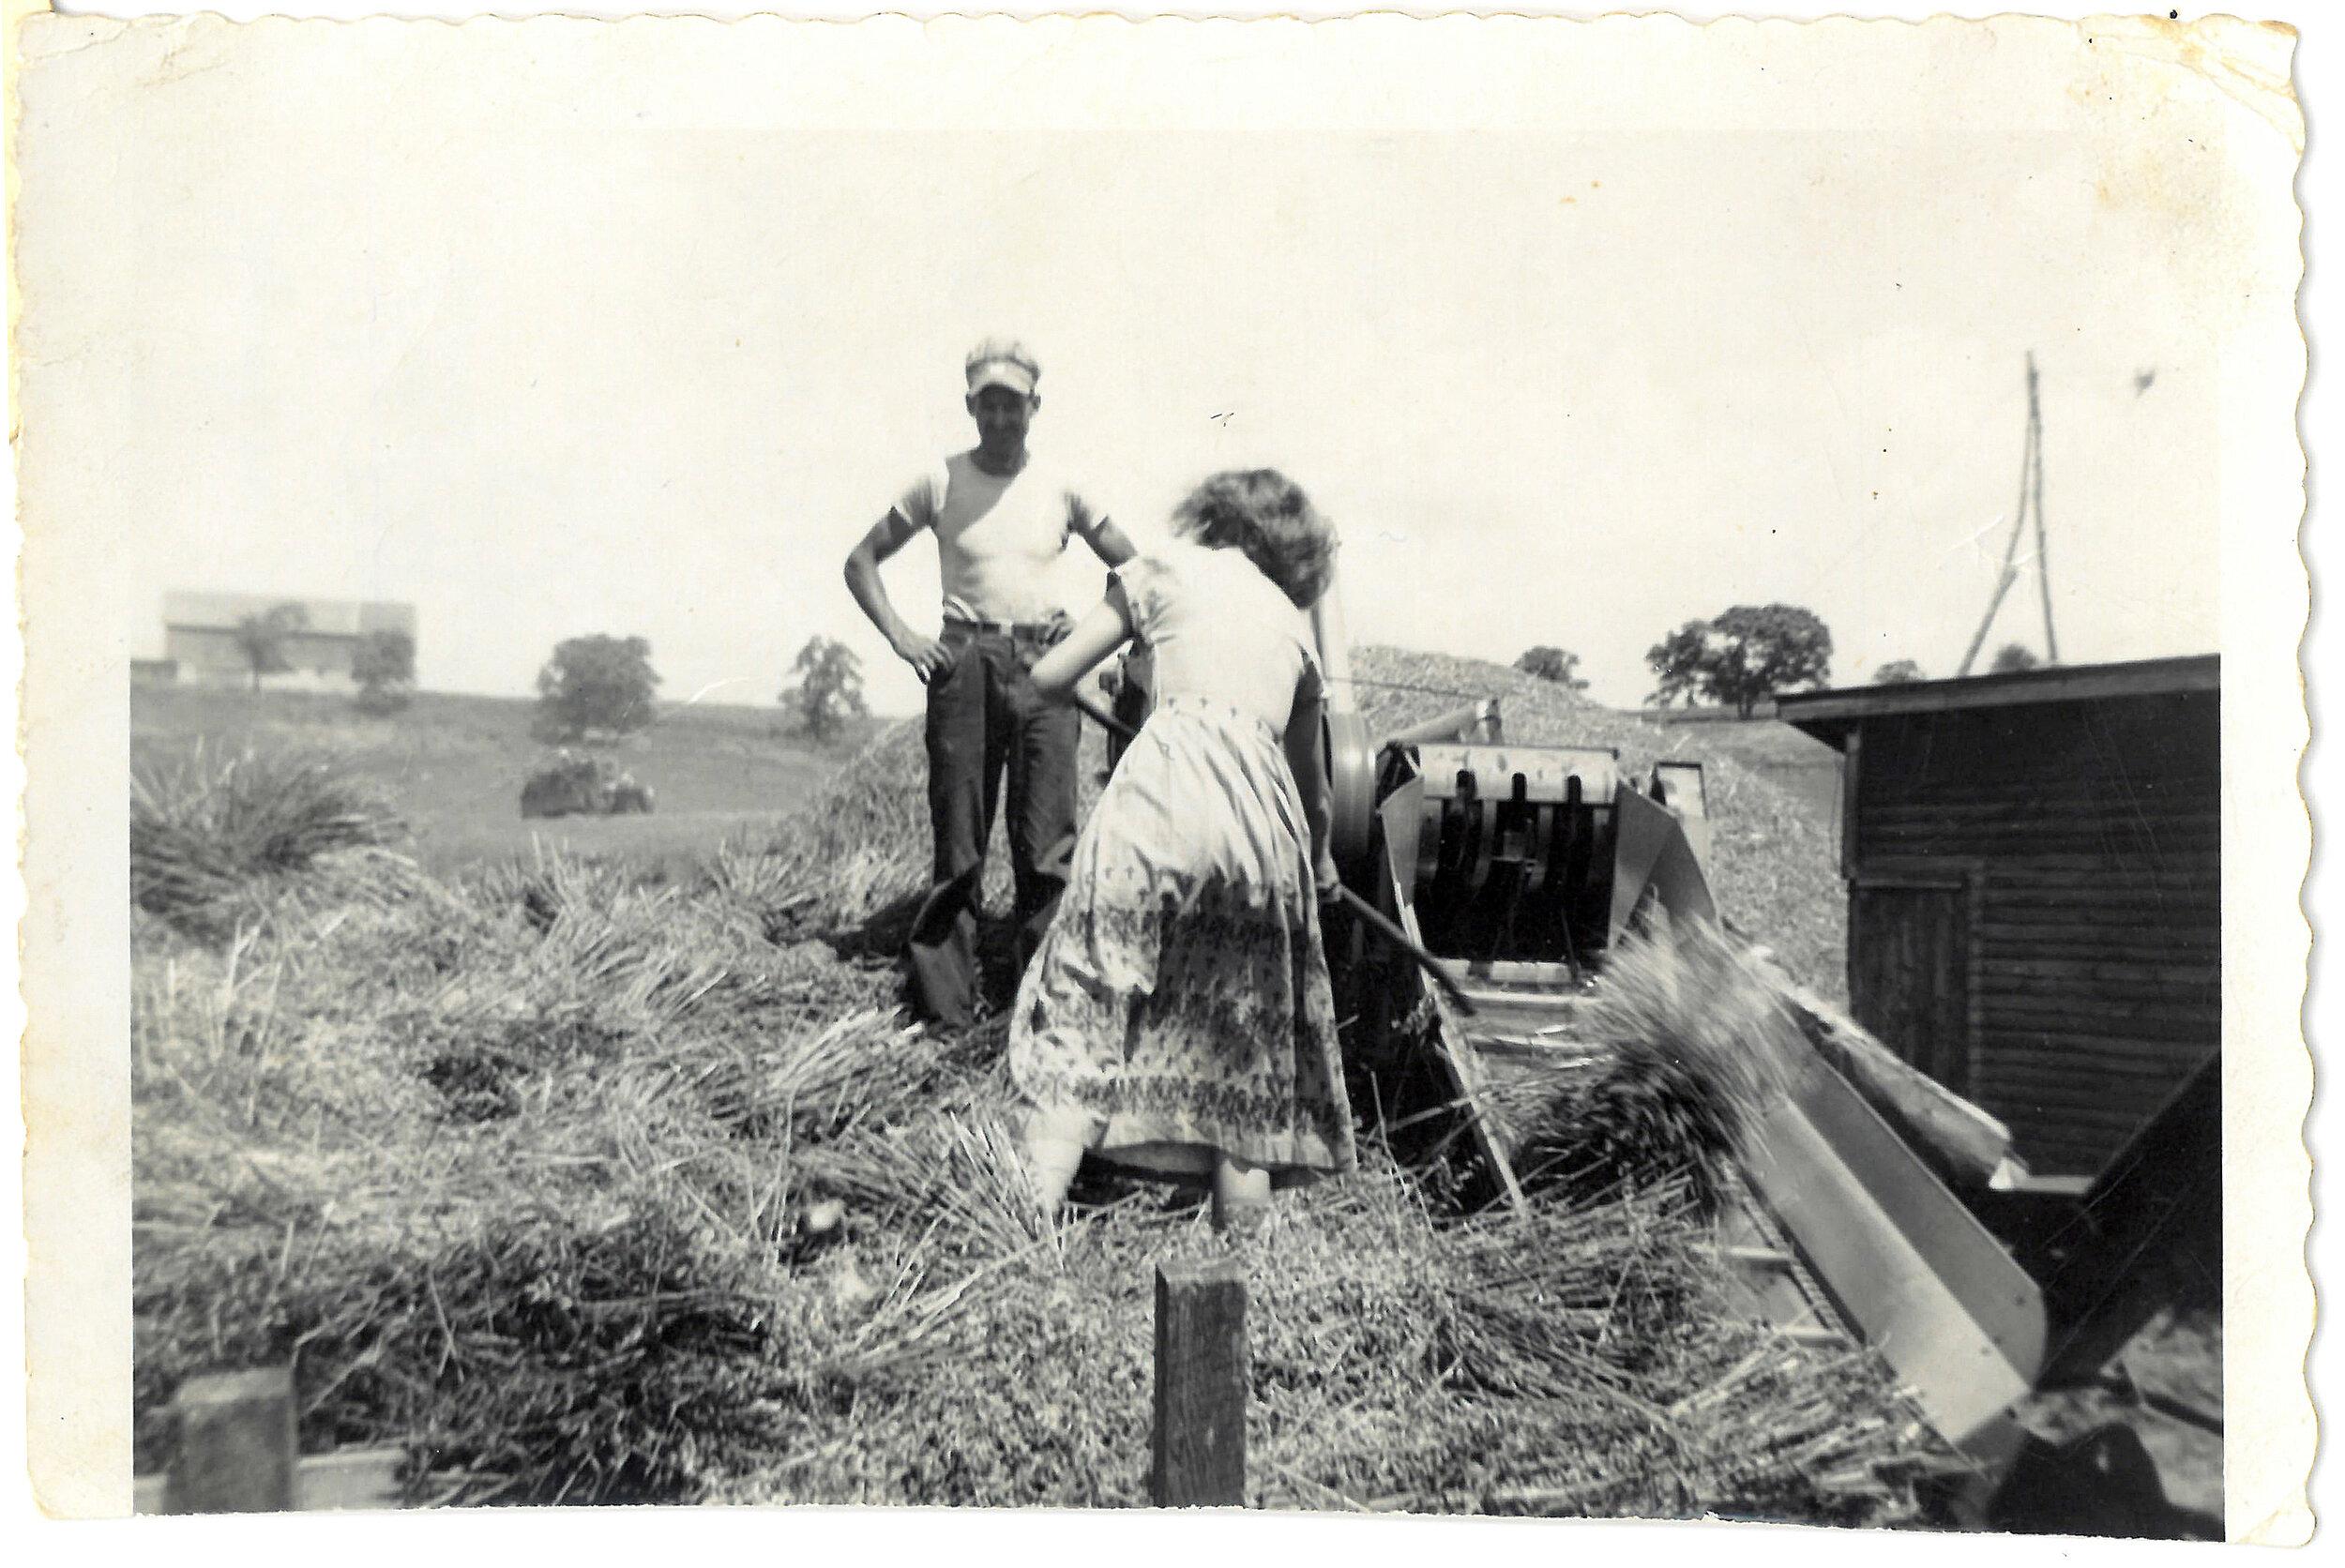 外婆外婆在牧场的牧场里能帮她卖农场。